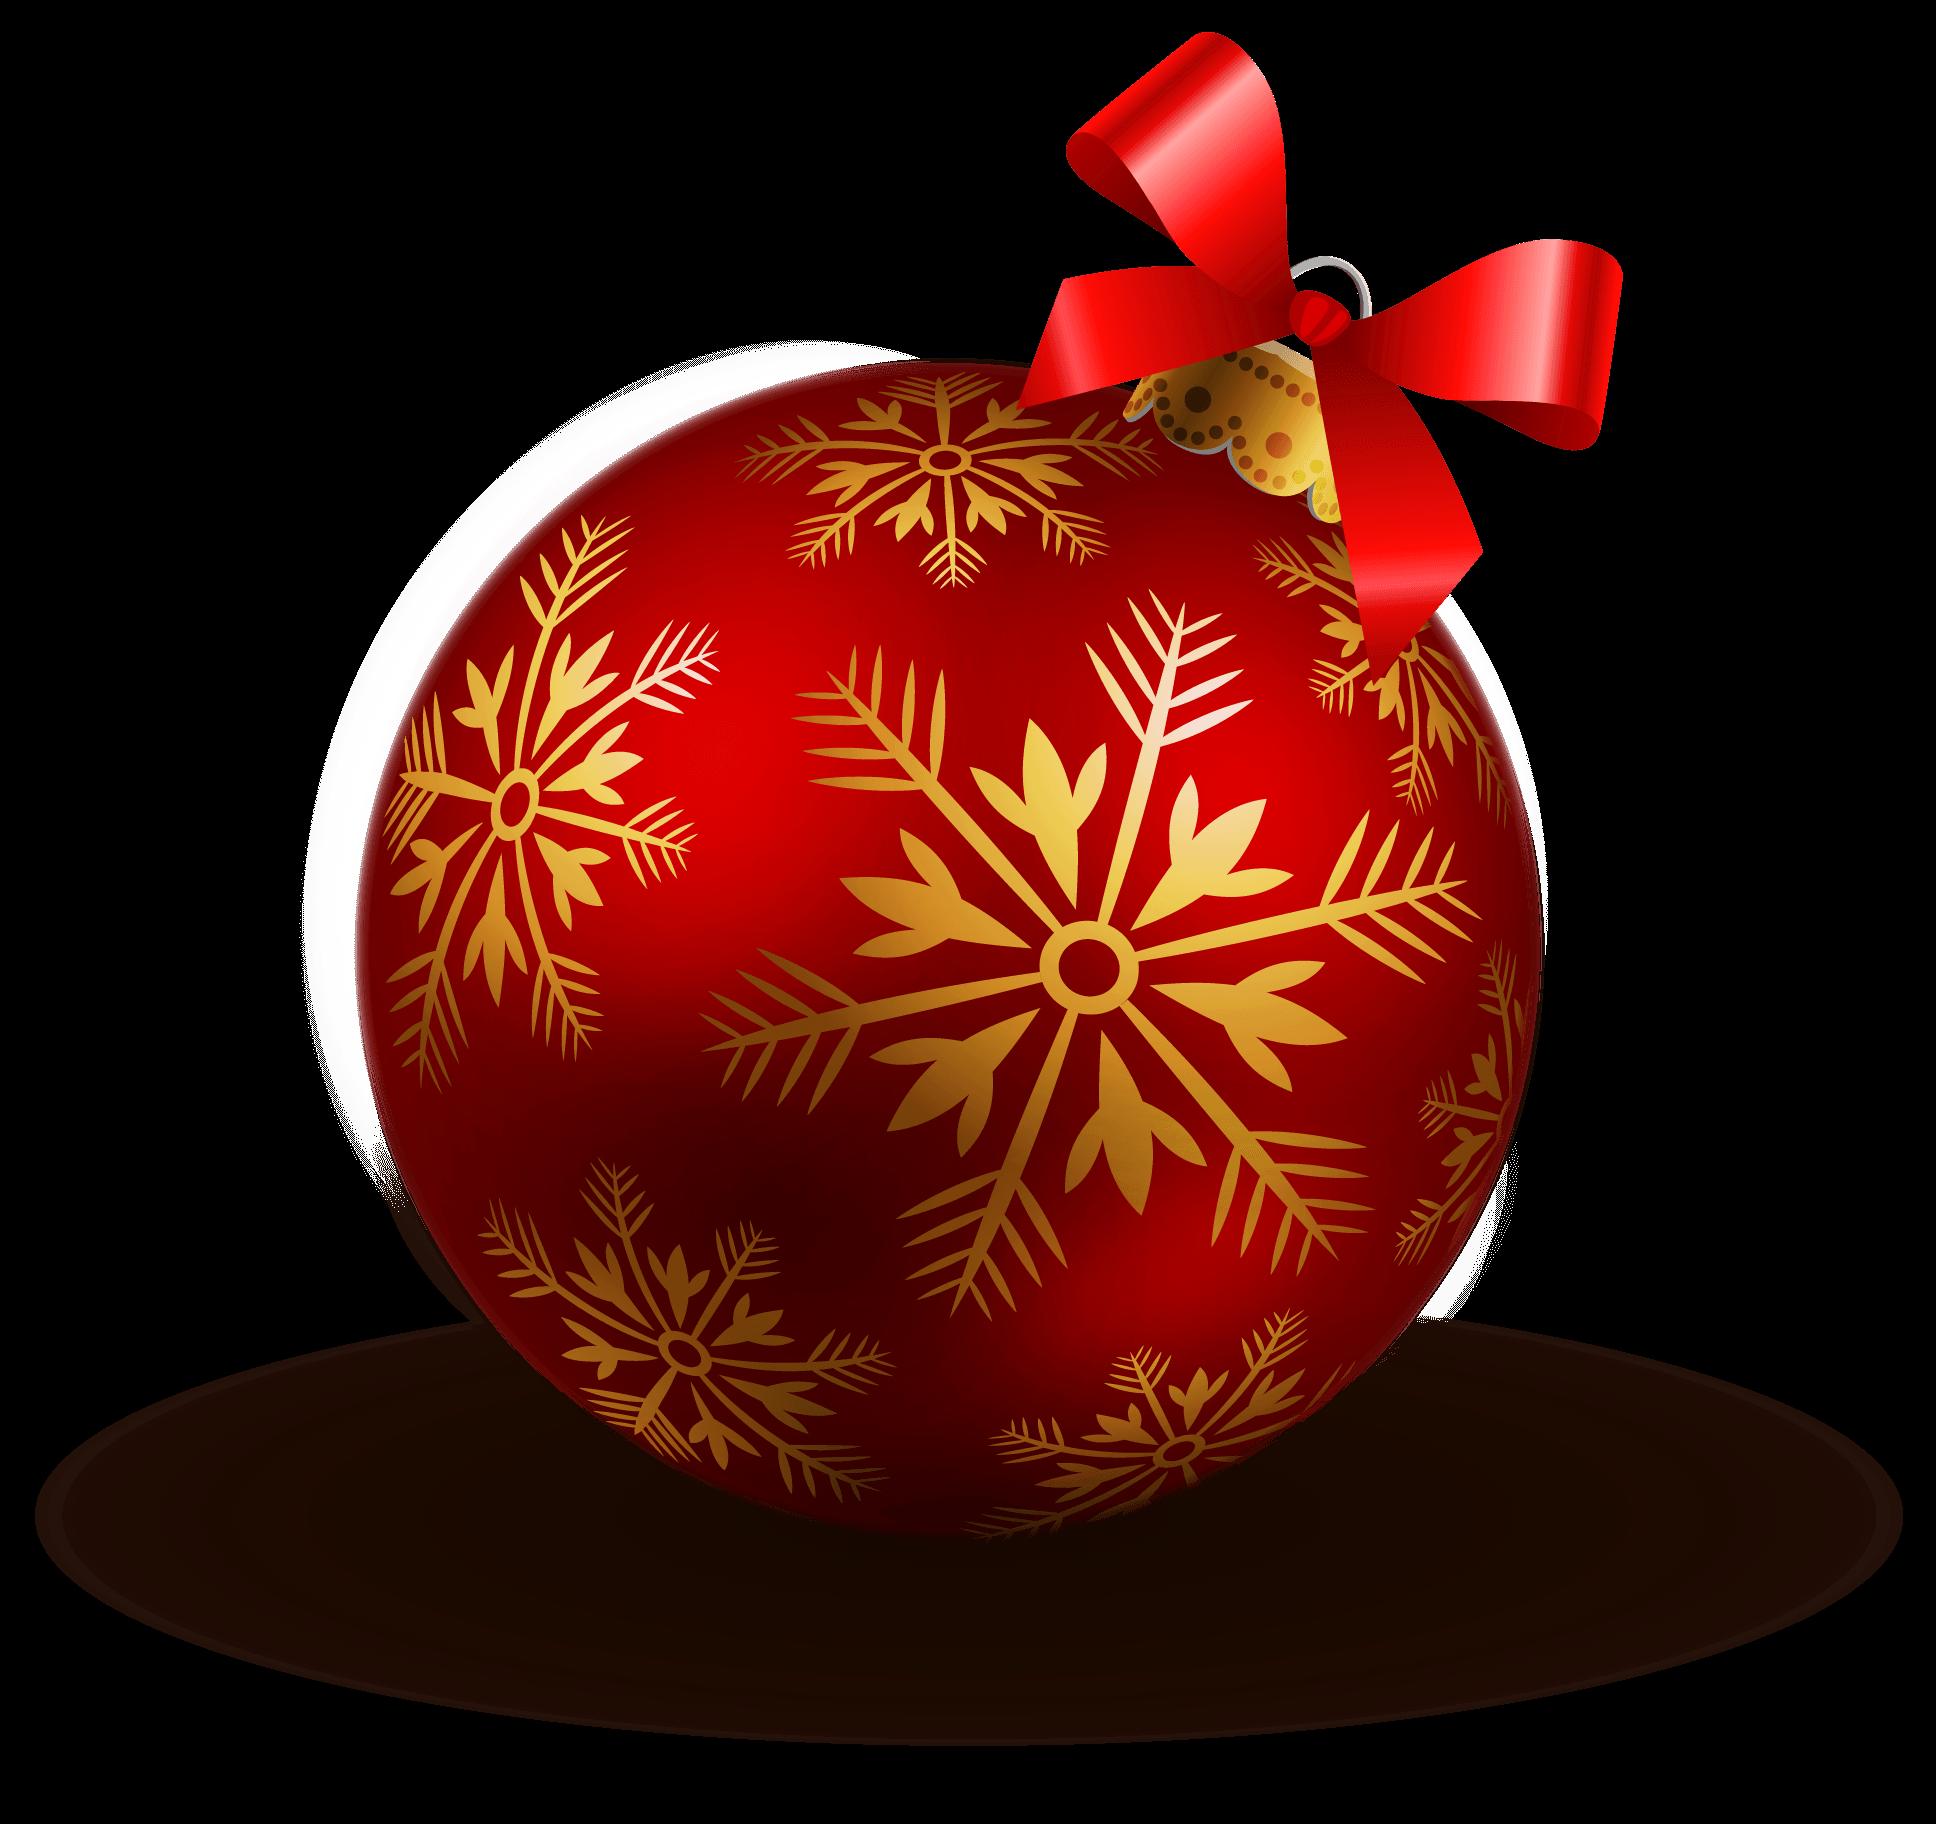 ball christmas - Christmas Transparent